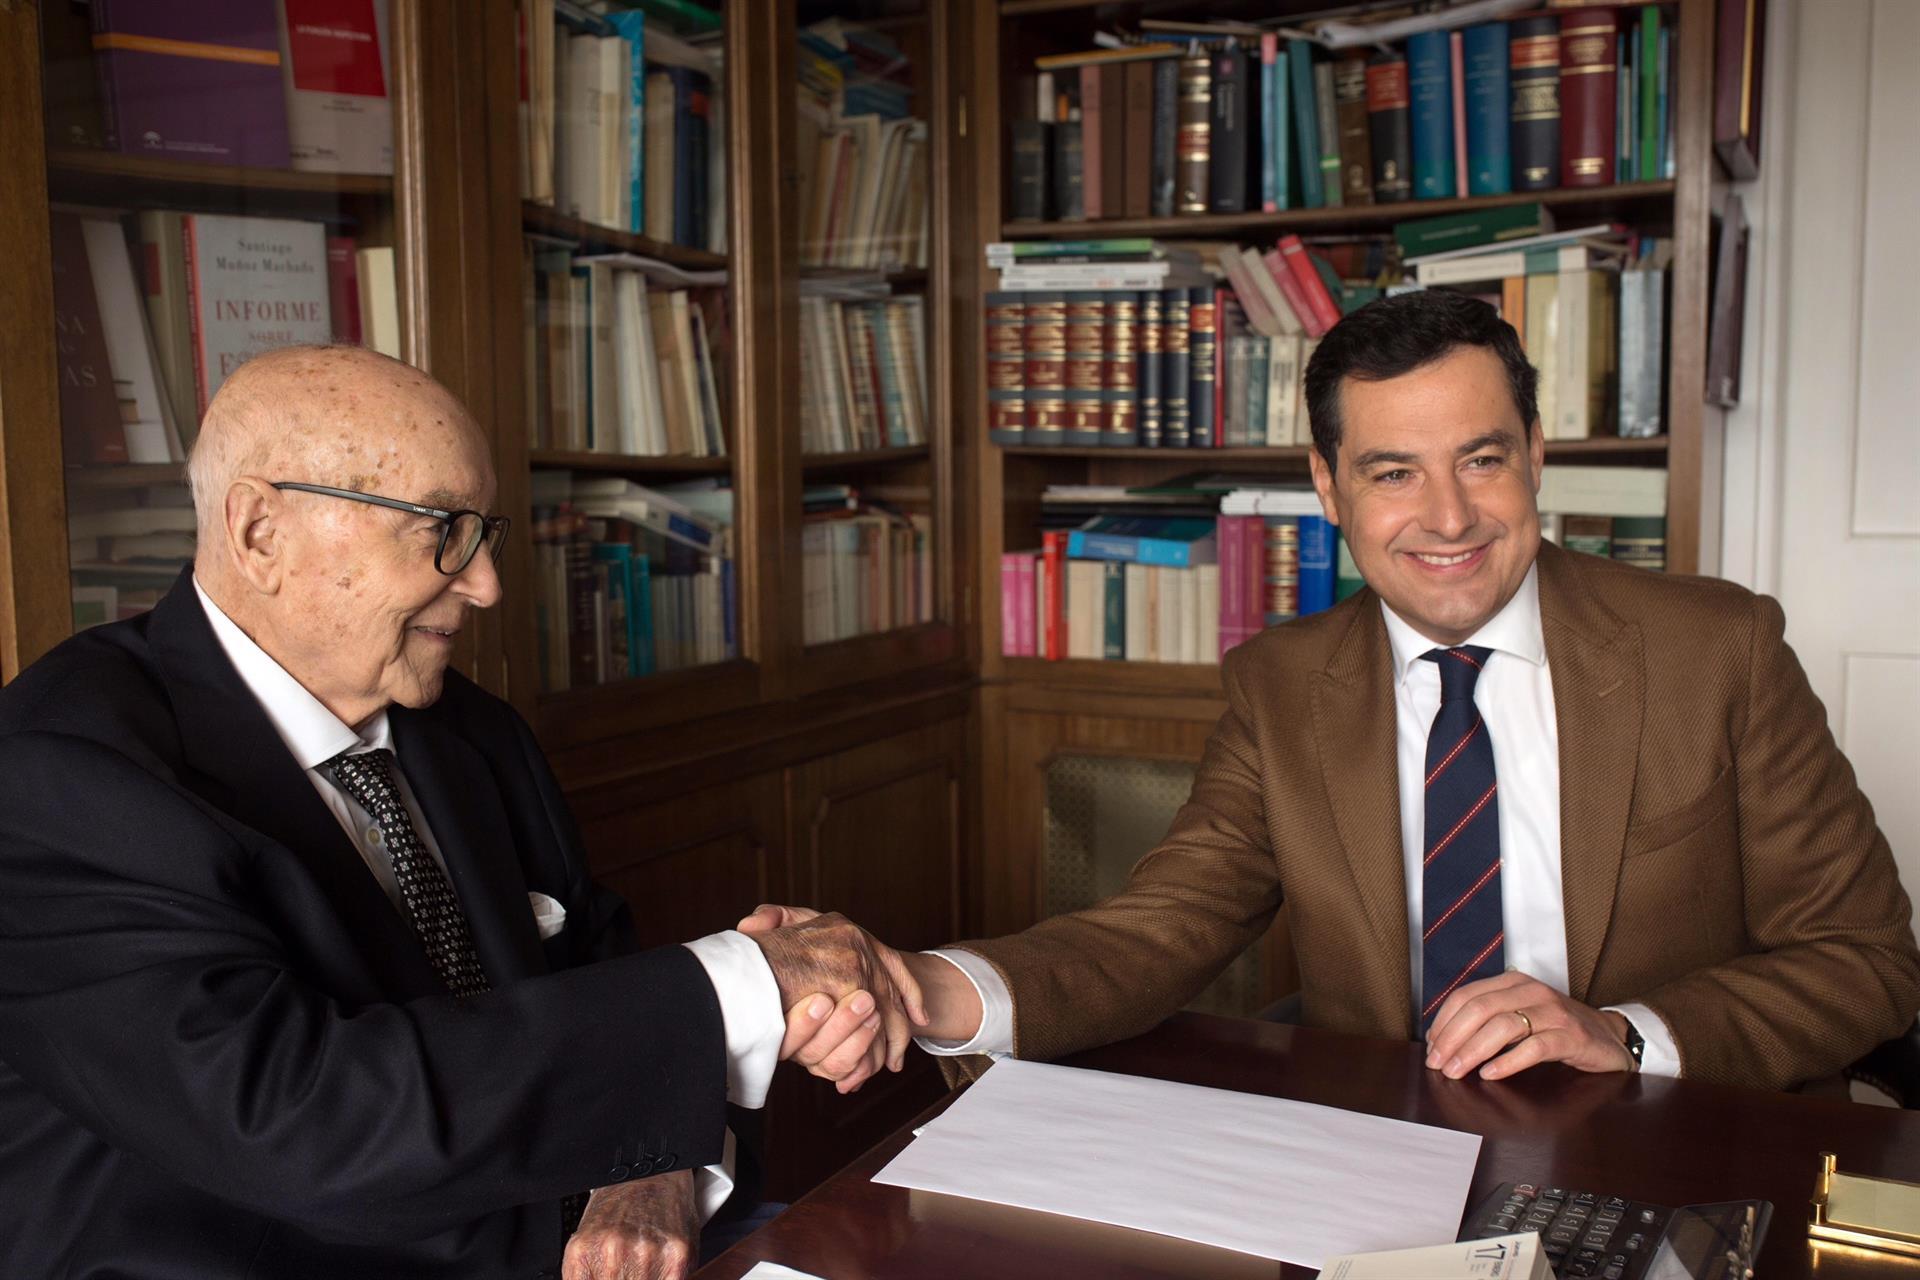 El presidente de la Junta de Andalucía, Juanma Moreno, y el exministro de UCD Manuel Clavero, en una imagen de archivo